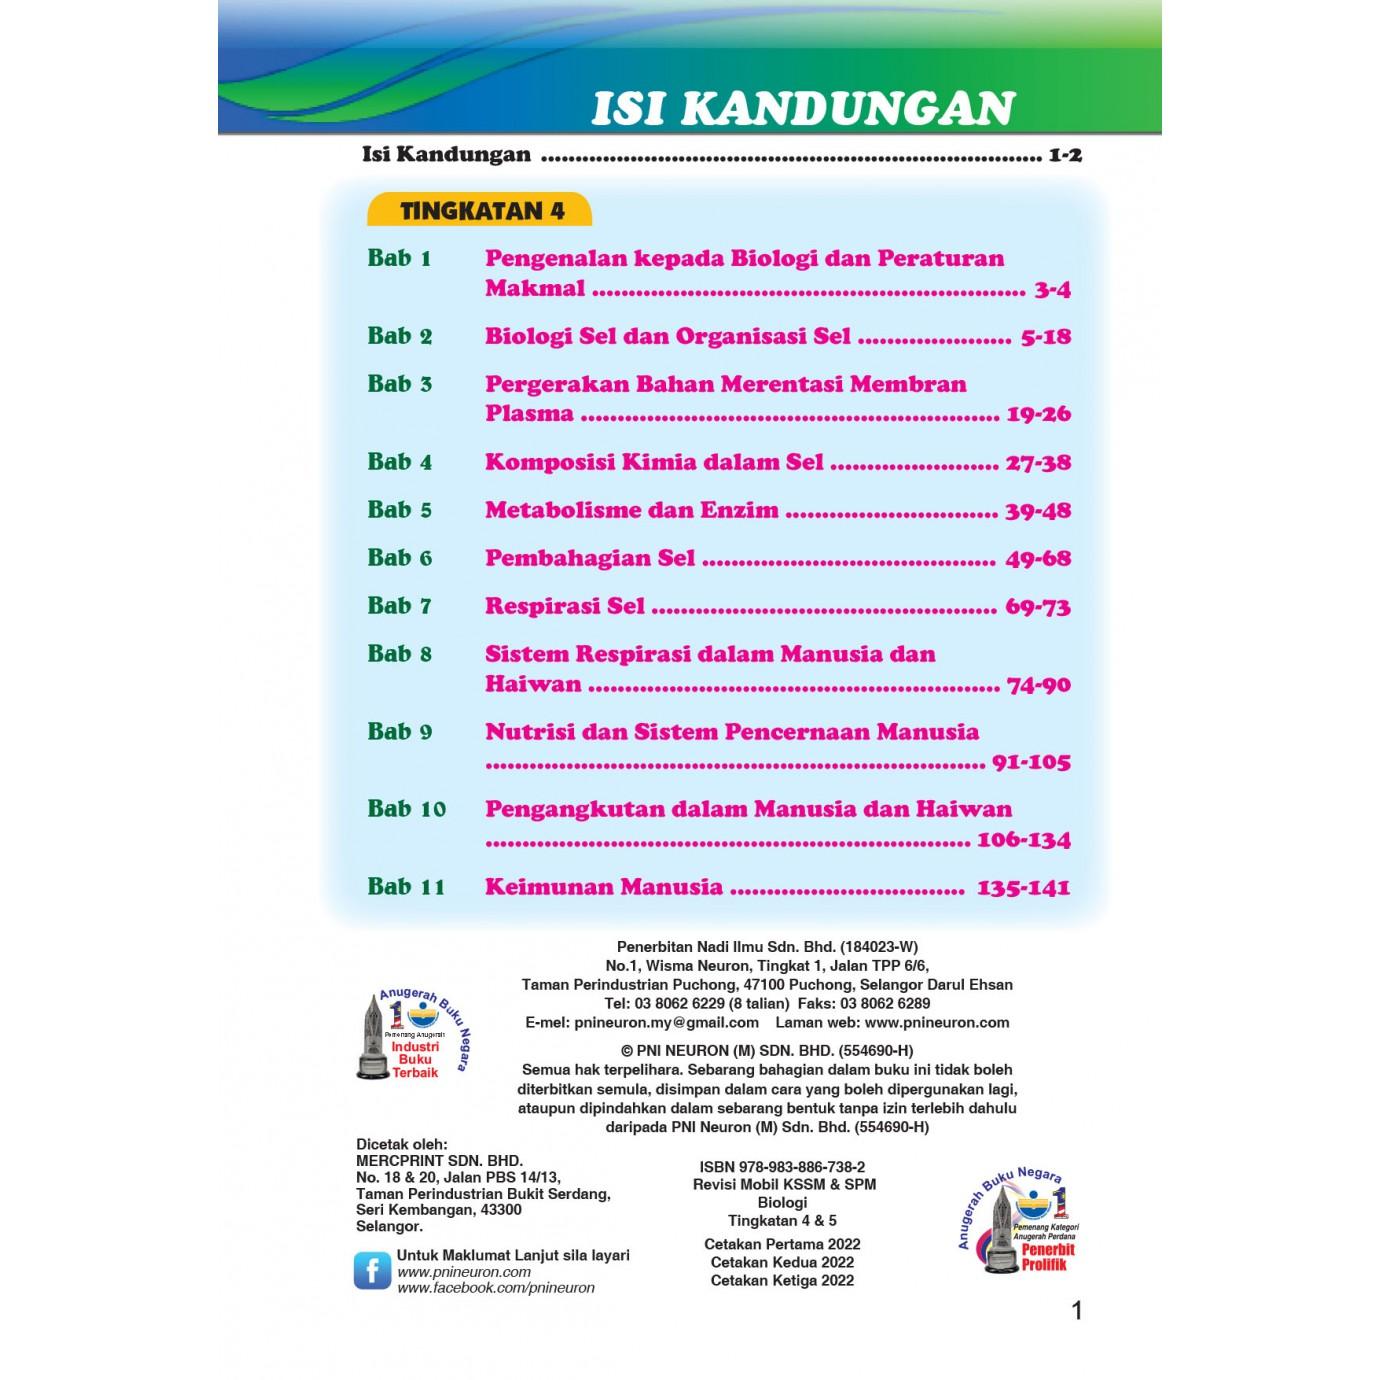 Revisi Mobil KSSM & SPM Biologi Tingkatan 4&5